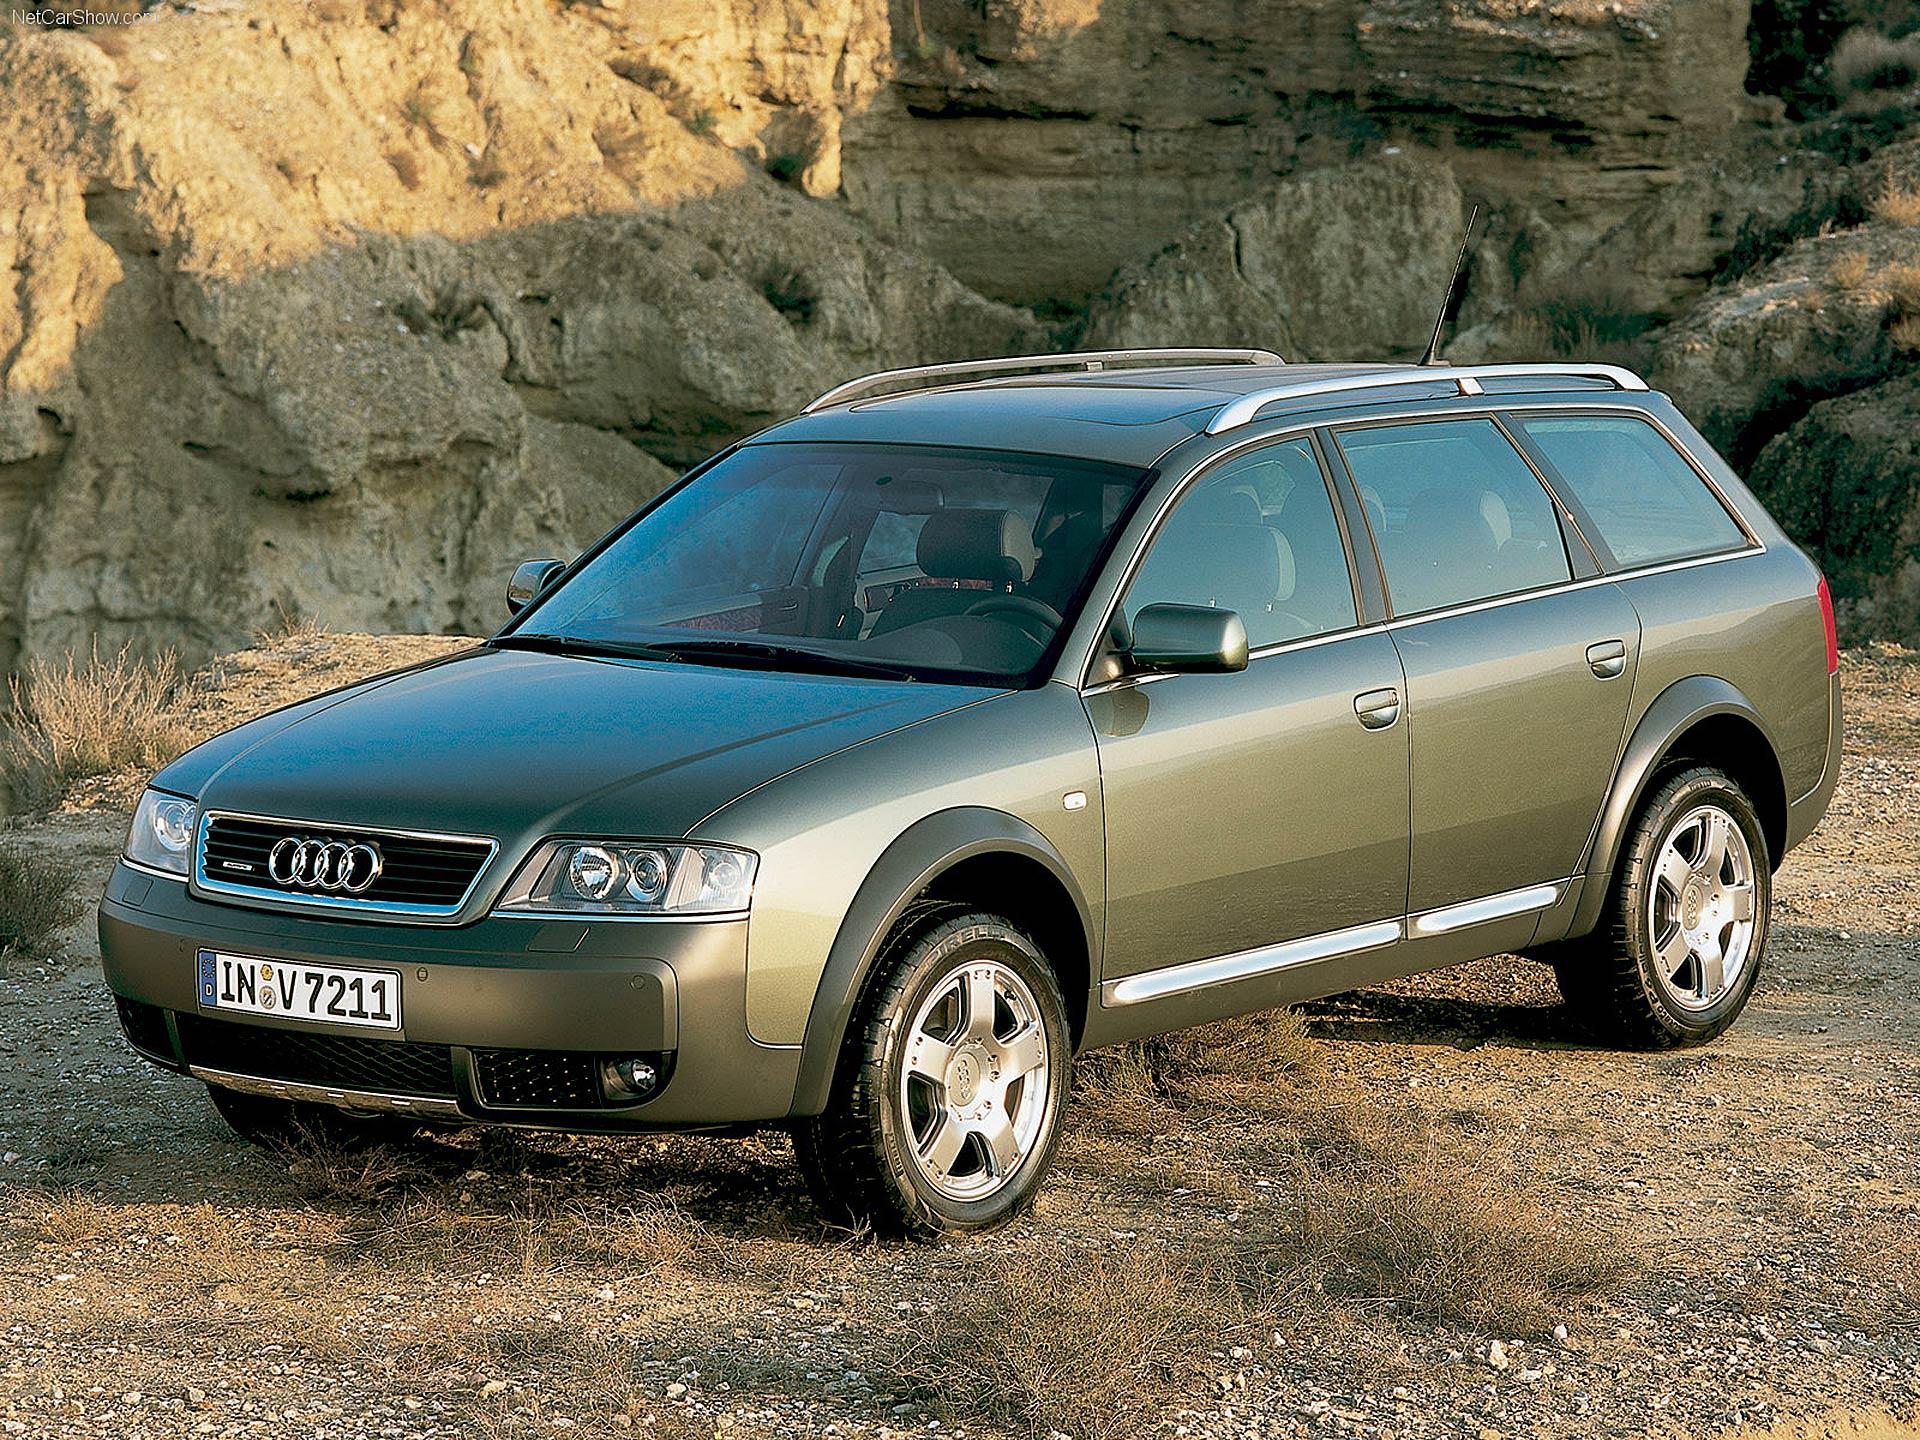 Audi A6 allroad quattro statica in ambientazione fuoristrada